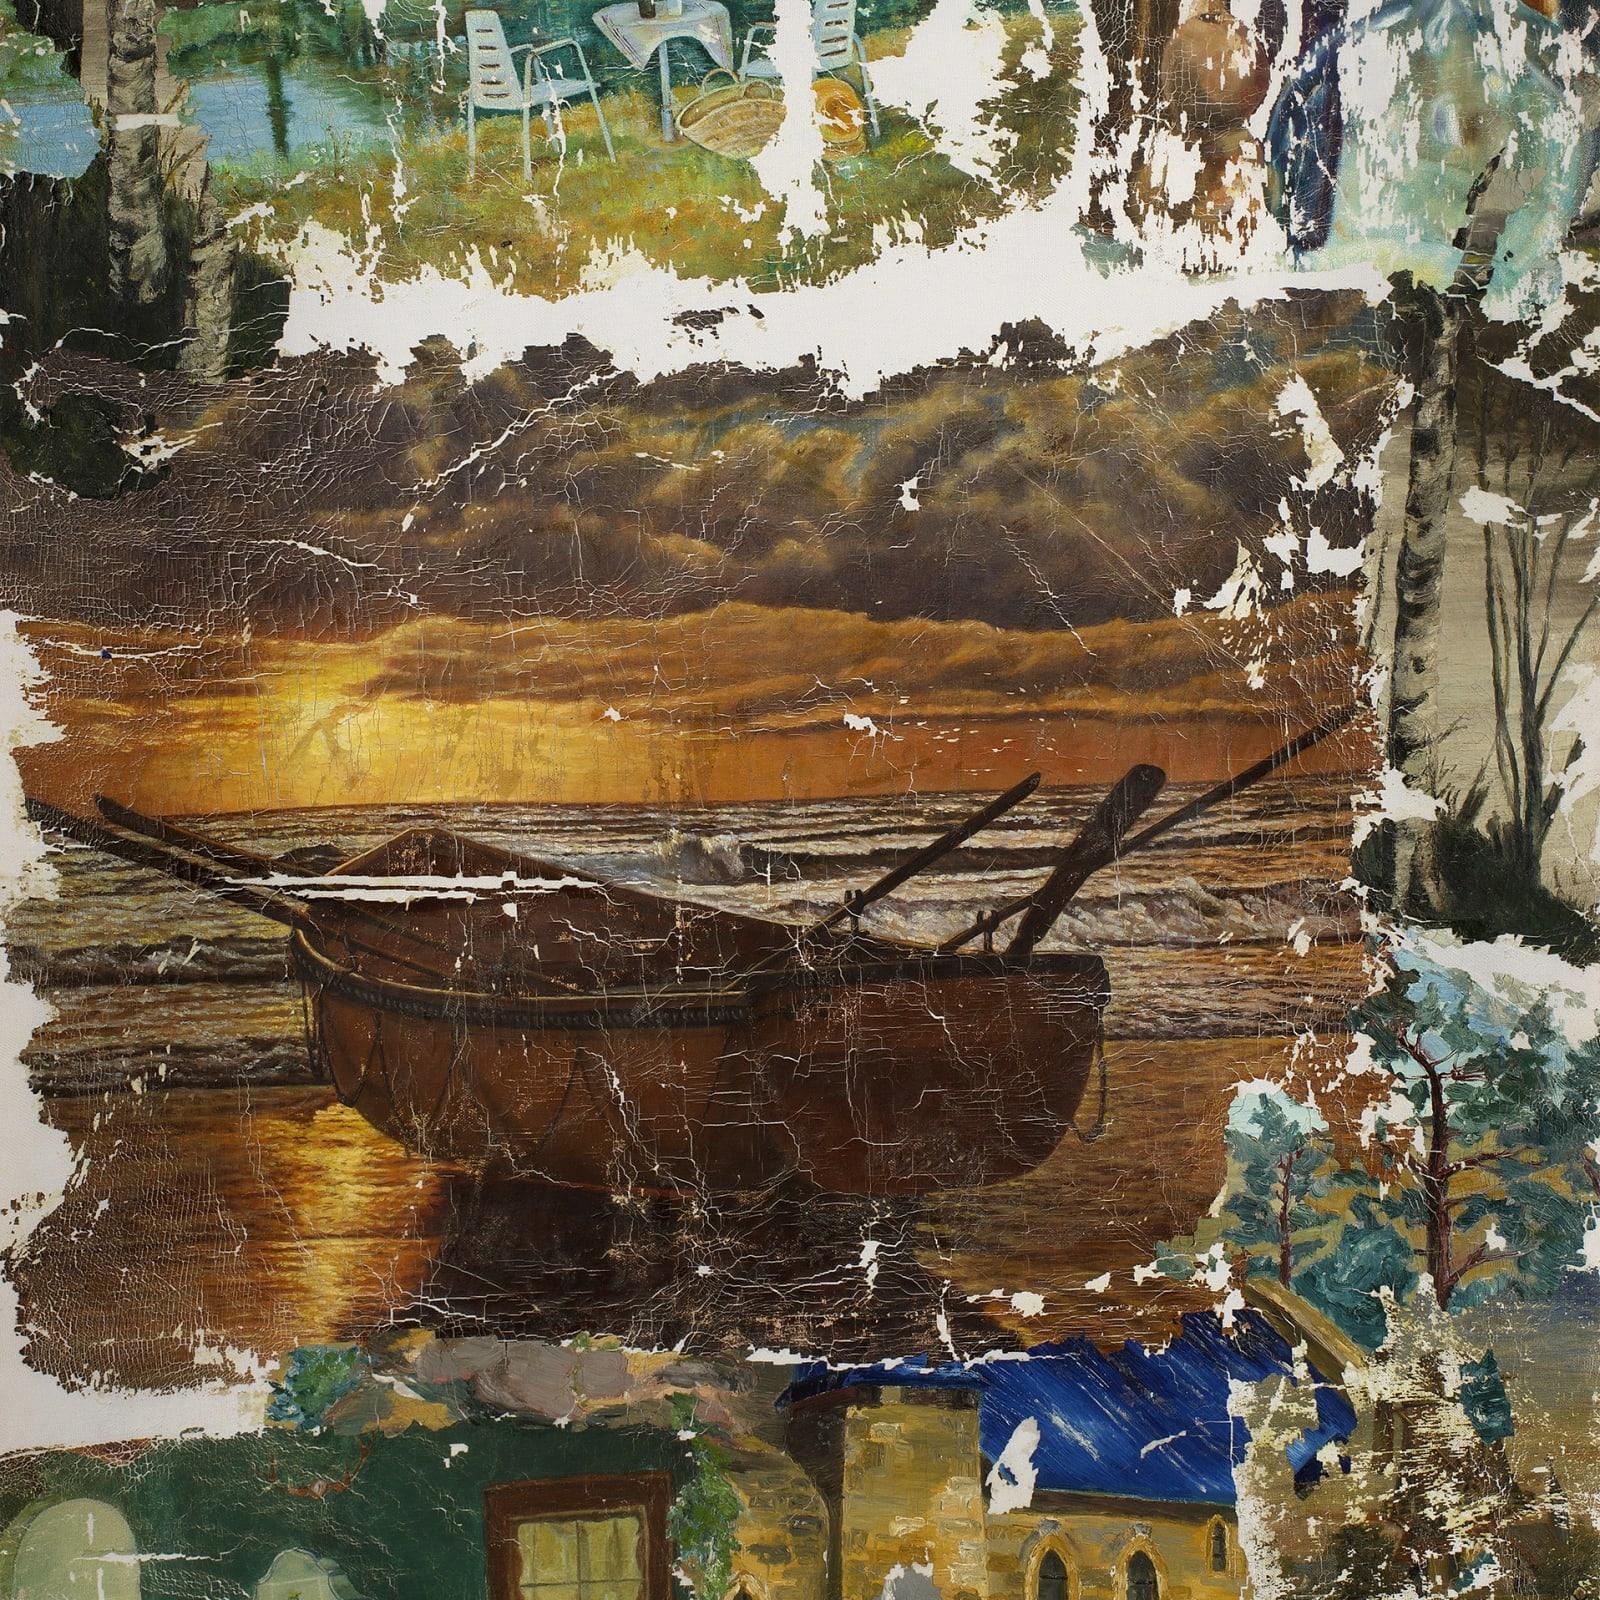 Ermias Kifleyesus Displacement 1, 2019